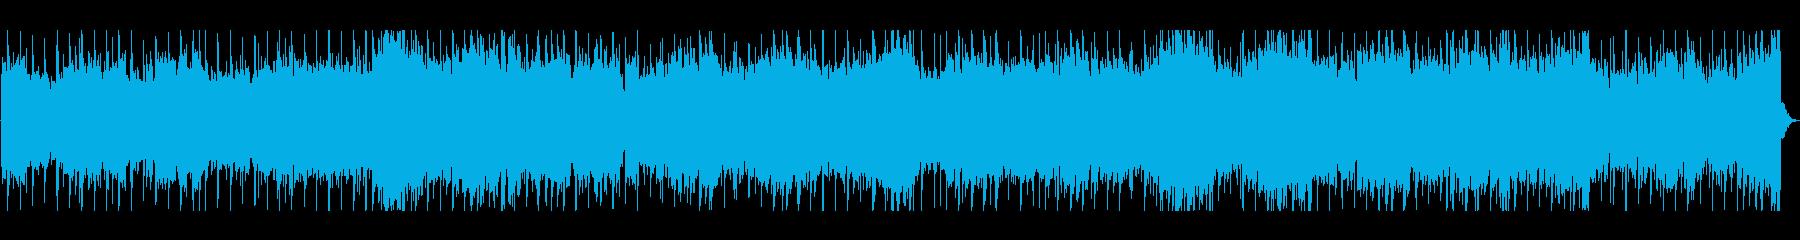 エレキギターによる開放感のあるロックの再生済みの波形